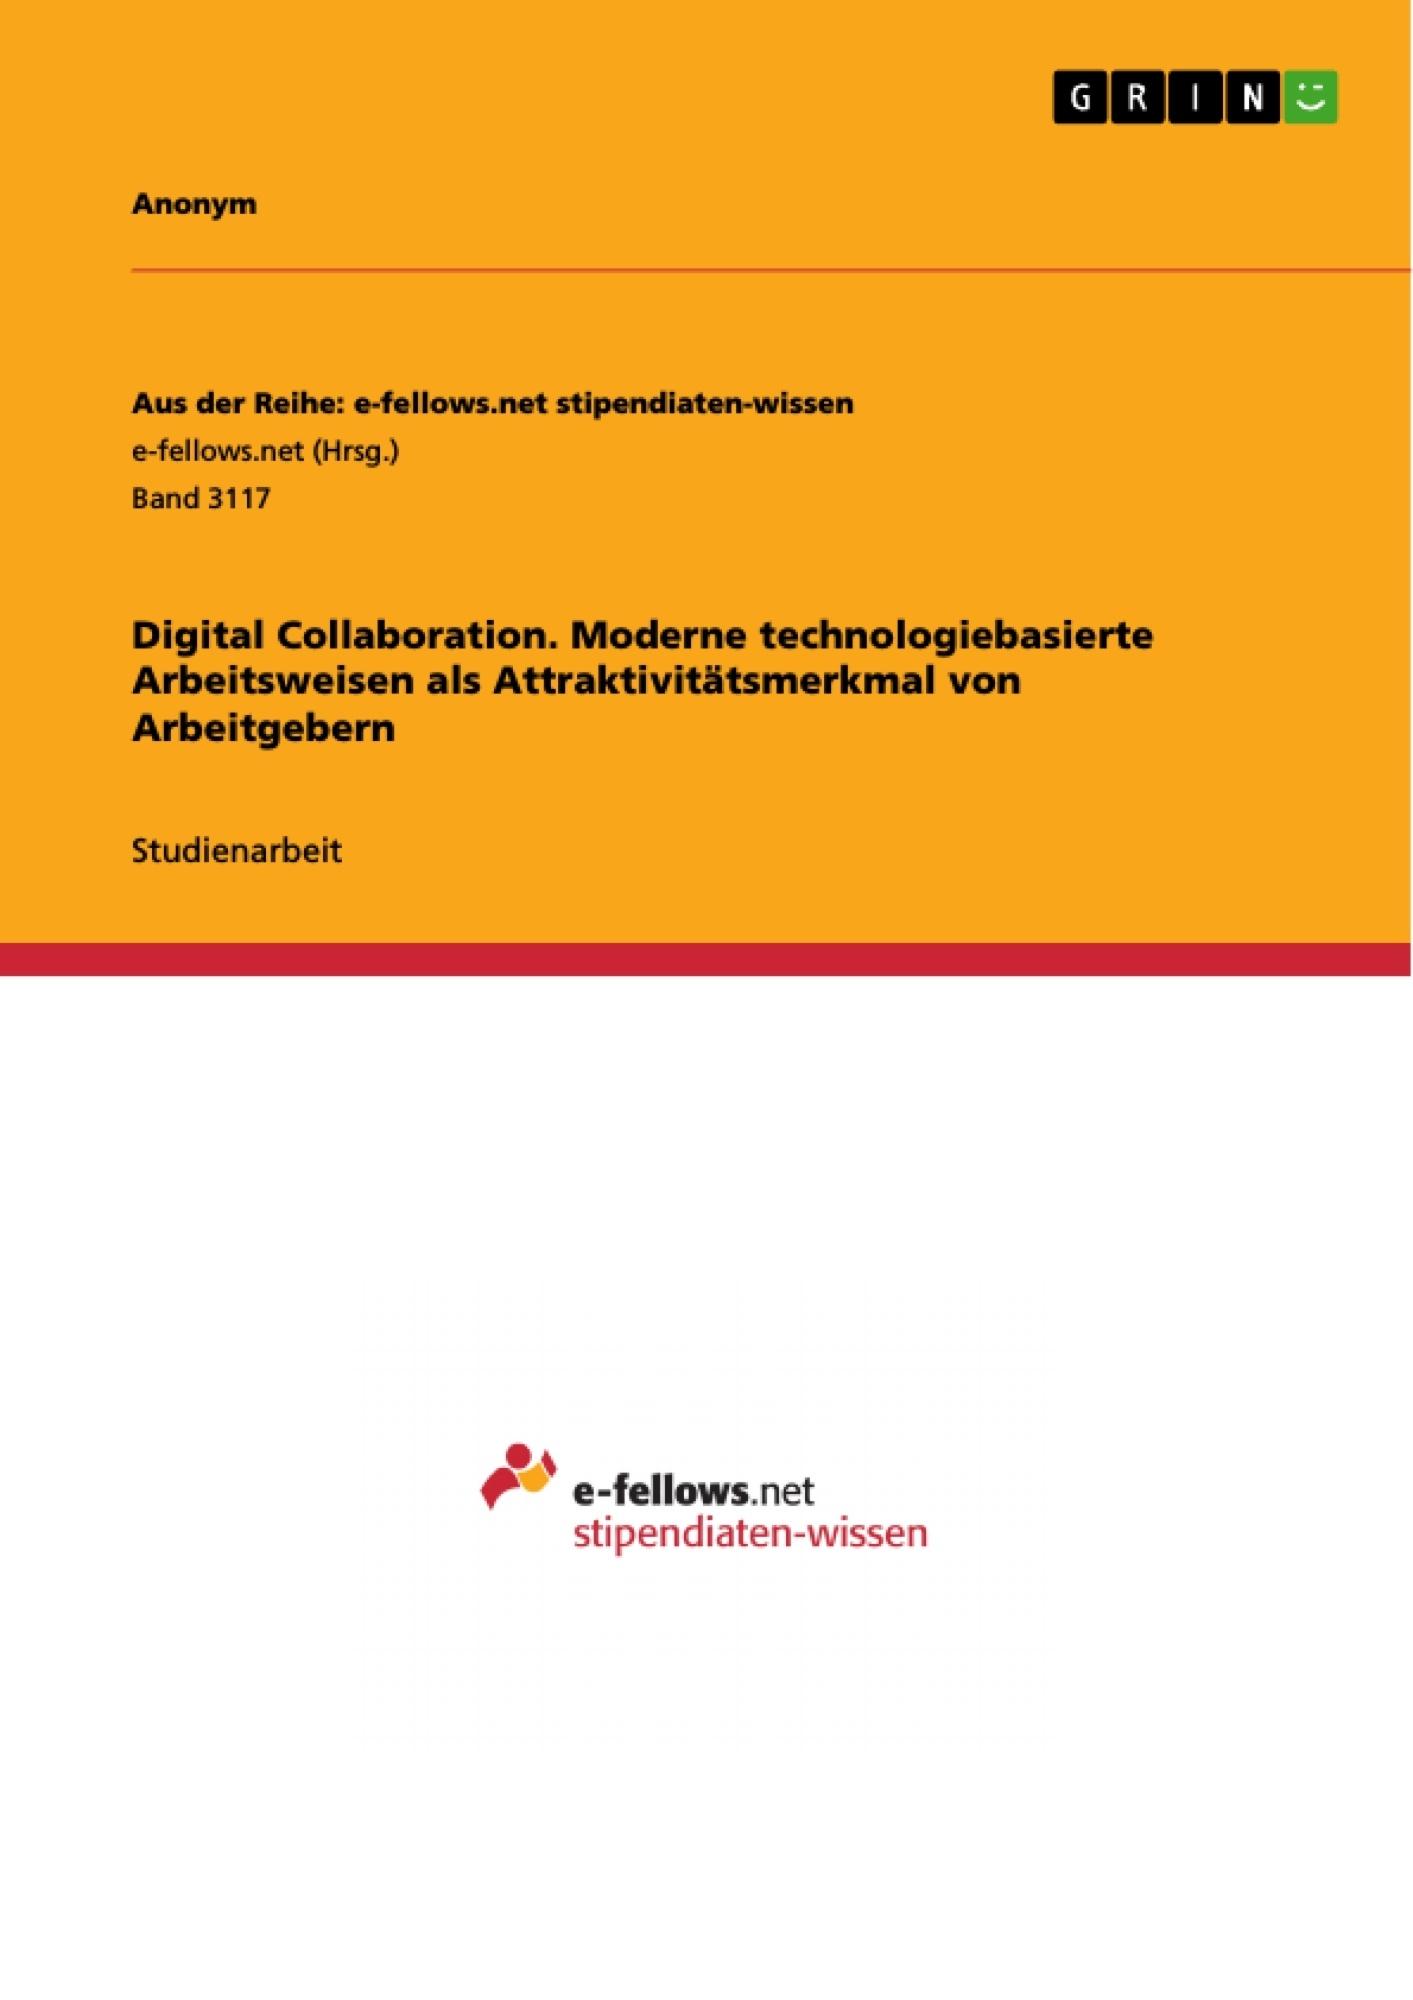 Titel: Digital Collaboration. Moderne technologiebasierte Arbeitsweisen als Attraktivitätsmerkmal von Arbeitgebern